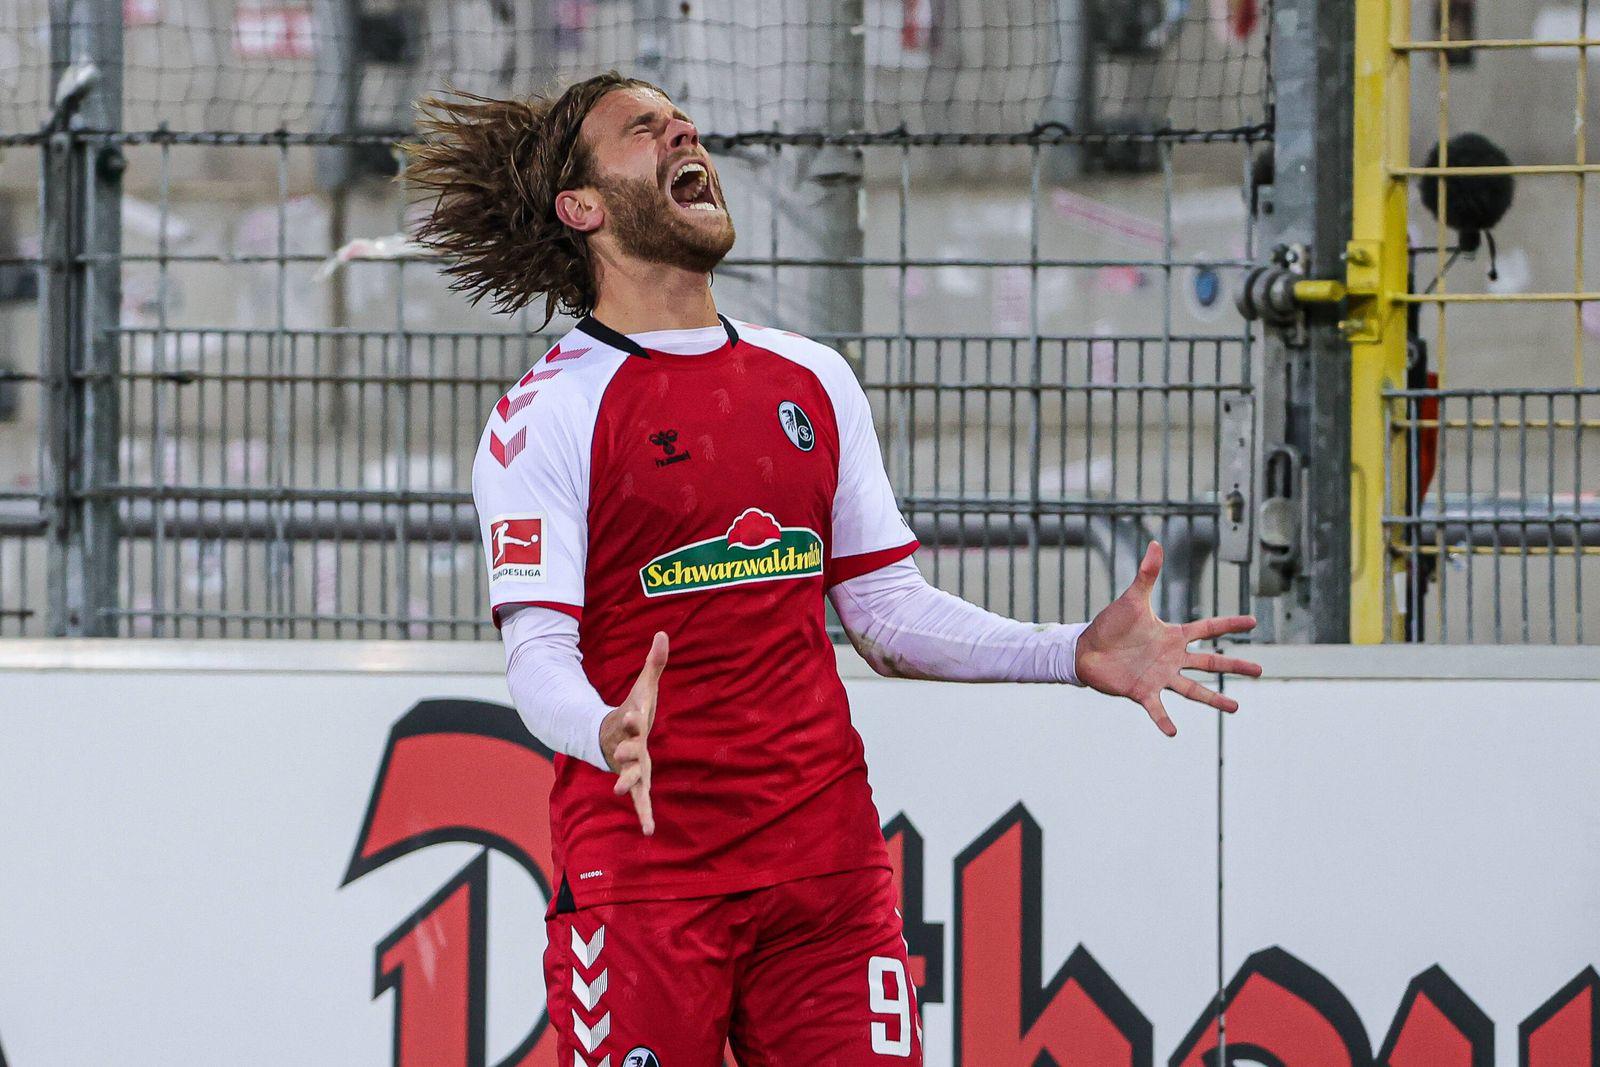 Fussball, 1.Bundesliga, 2.Spieltag - 20/21 - SC Freiburg vs. VfL Wolfsburg - 27. September 2020 Lucas Hoeler (SC Freibu